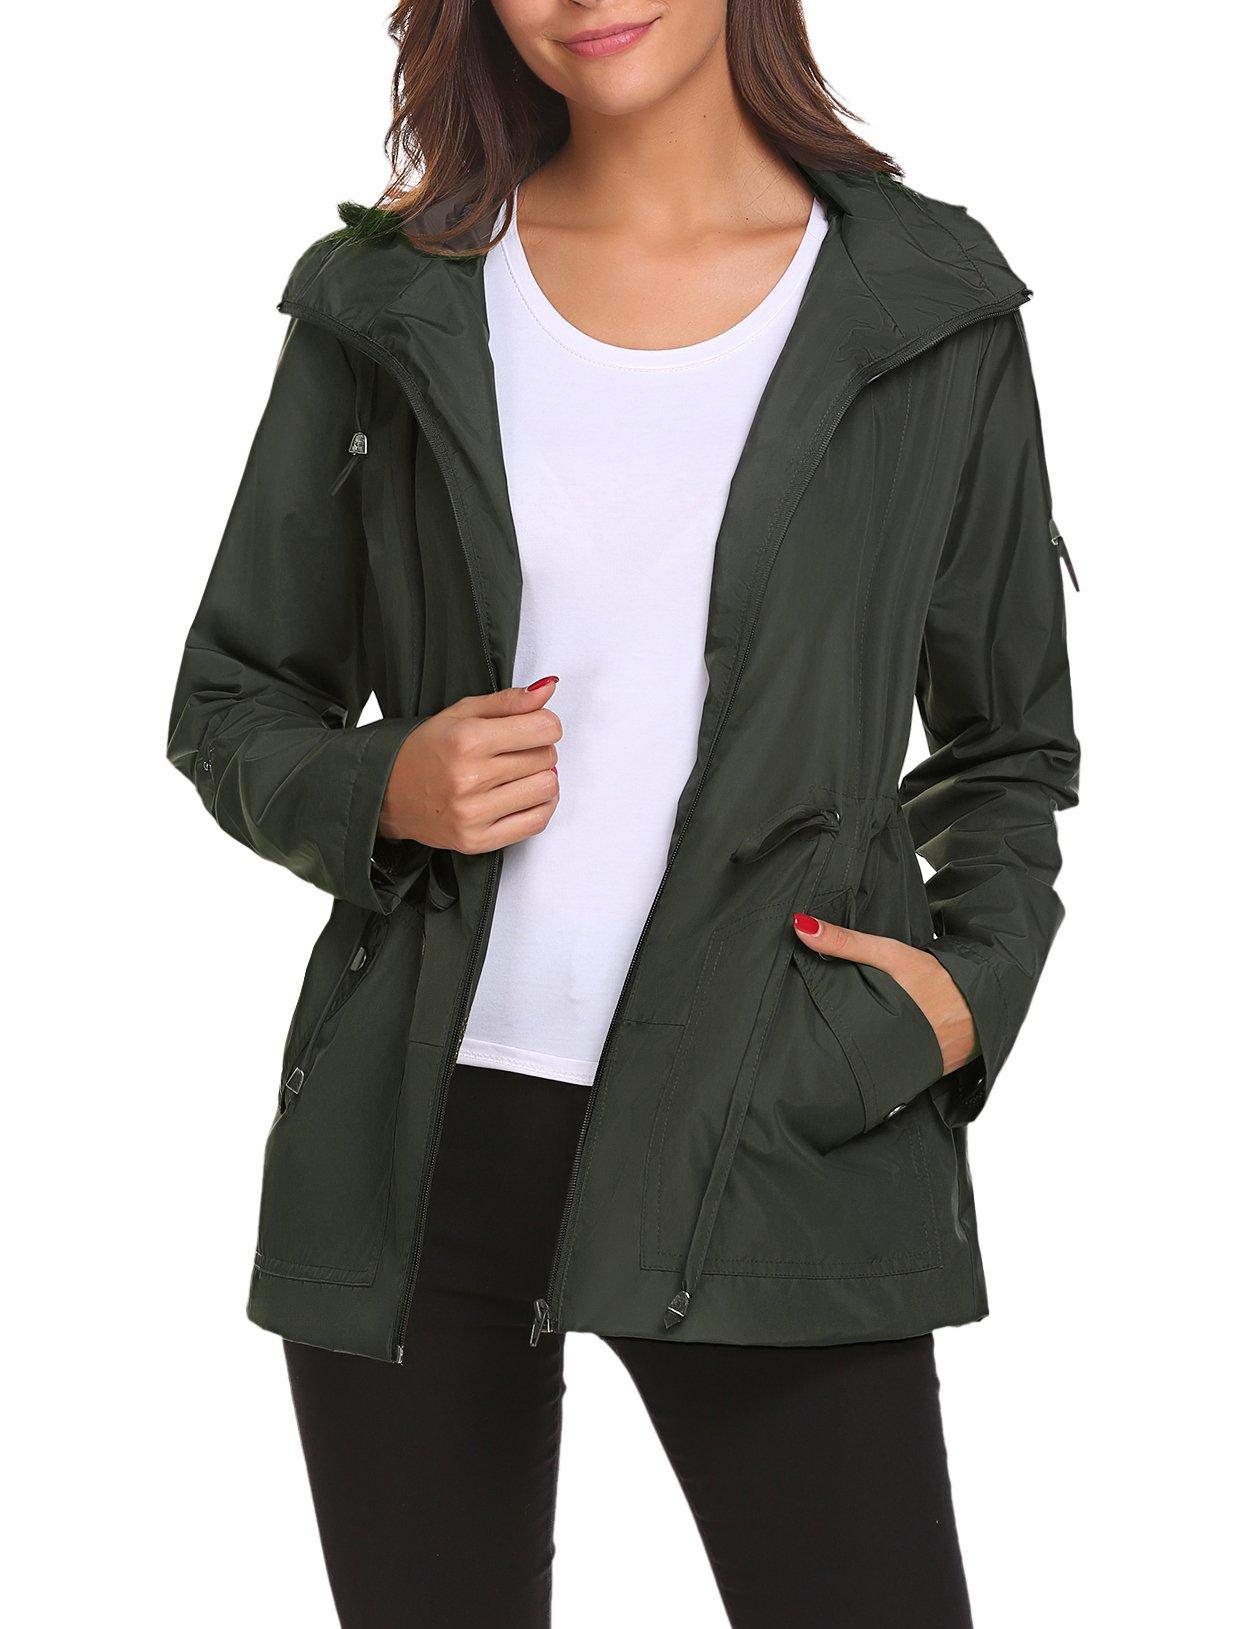 ZHENWEI Rain Jacket Women Active Sport Running Shell Zip Up Hooded for Juniors Girls